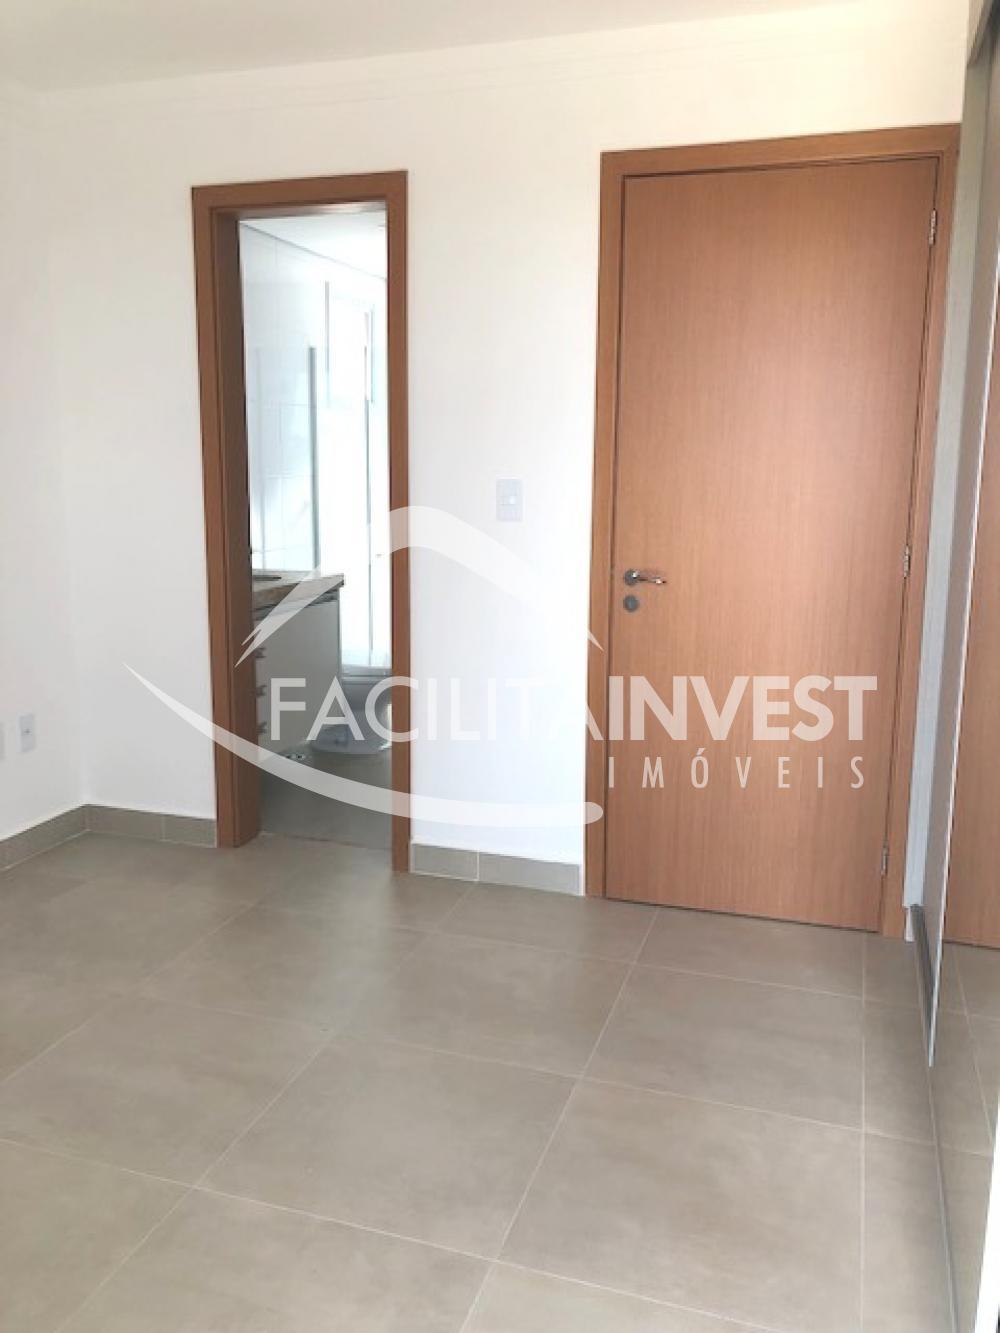 Alugar Lançamentos/ Empreendimentos em Construç / Apartamento padrão - Lançamento em Ribeirão Preto apenas R$ 1.200,00 - Foto 17